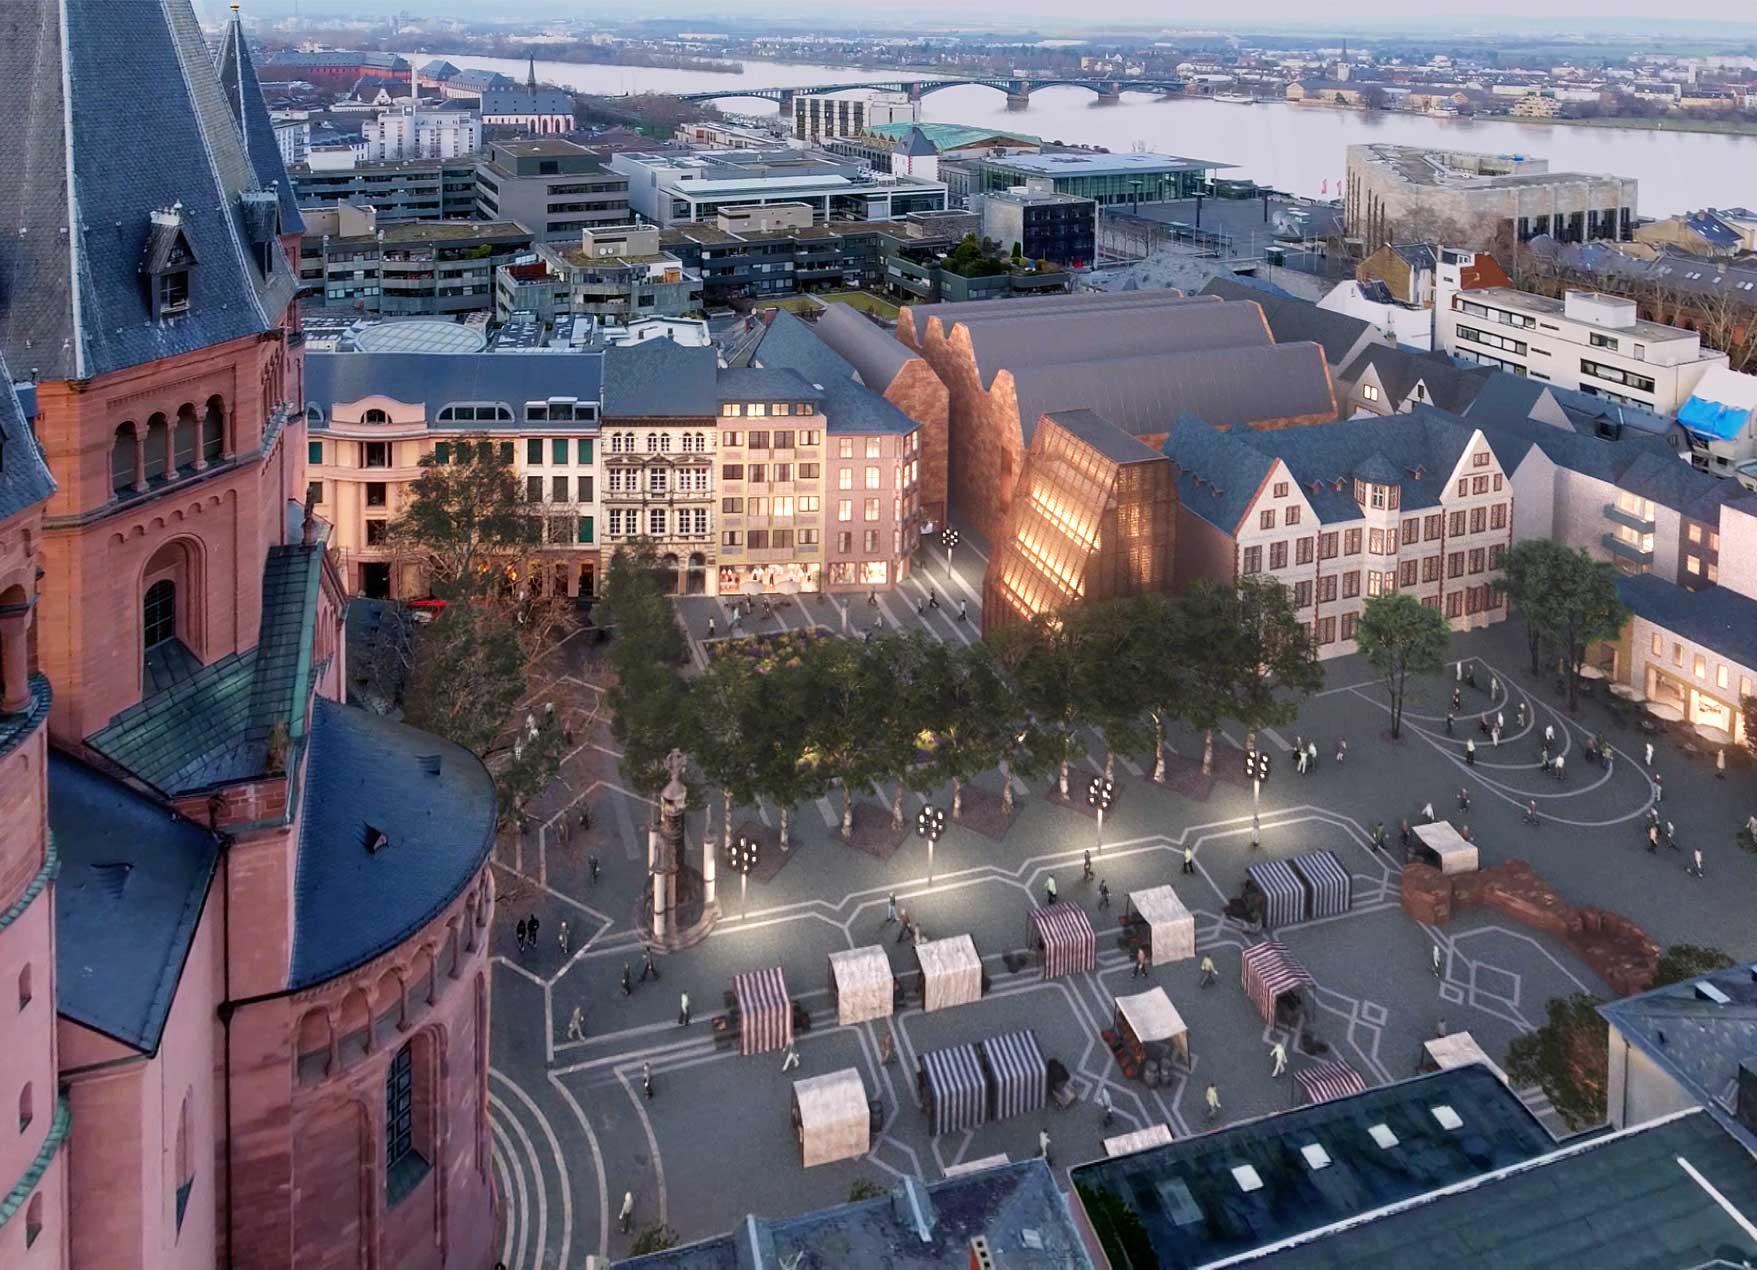 Zu sehen ist eine Visualisierung des neuen Gutenberg-Museums mit beiden Bauabschnitten.